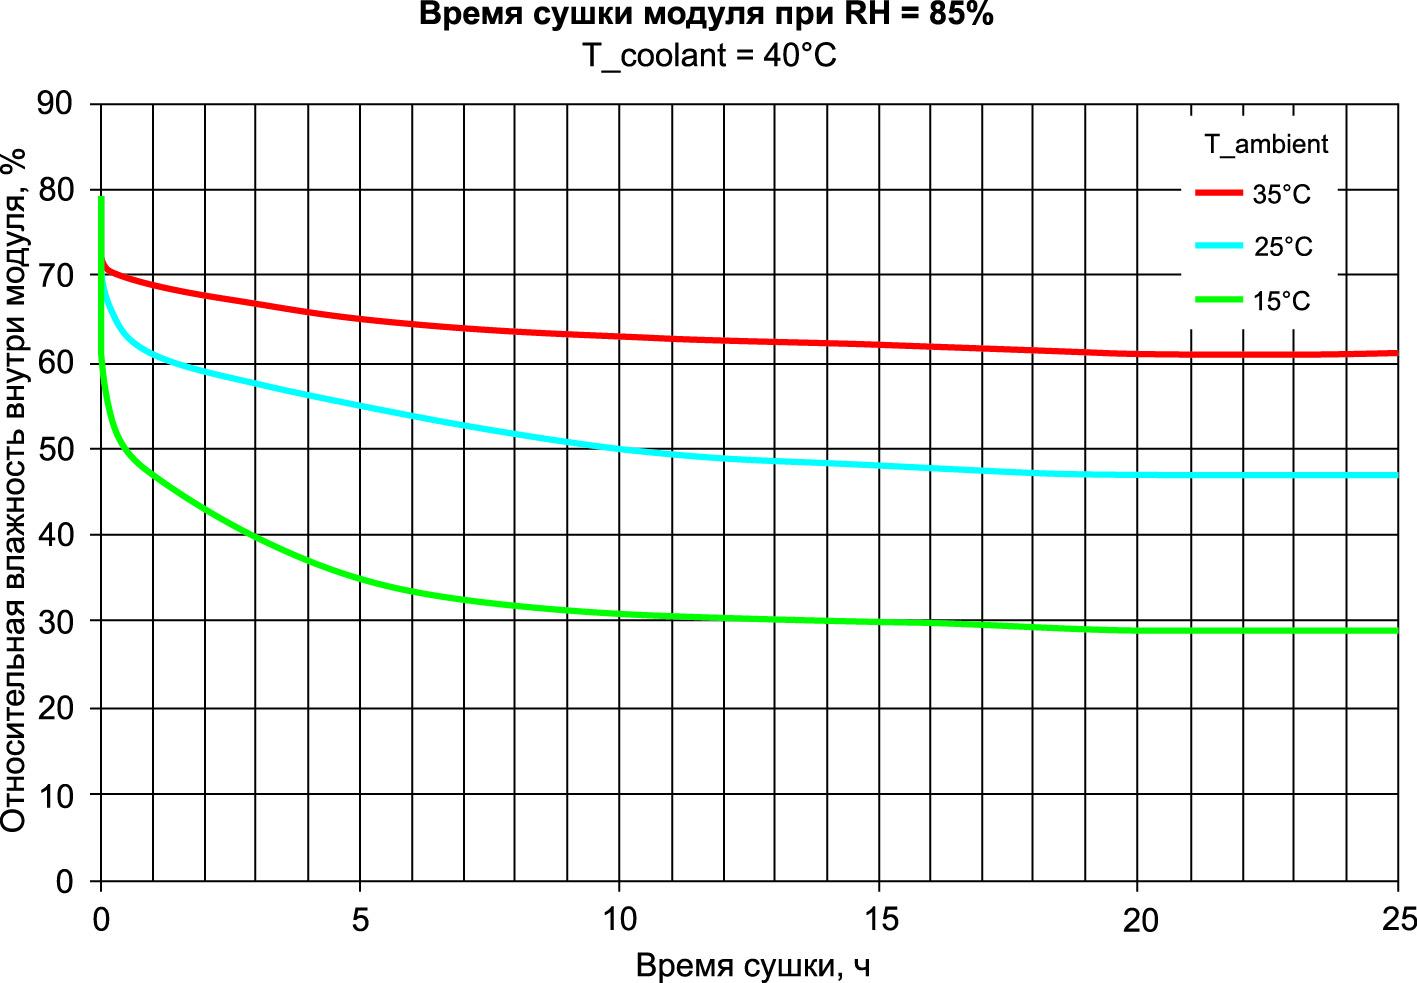 Эксперимент: использование предварительно нагретой охлаждающей жидкости для снижения влажности